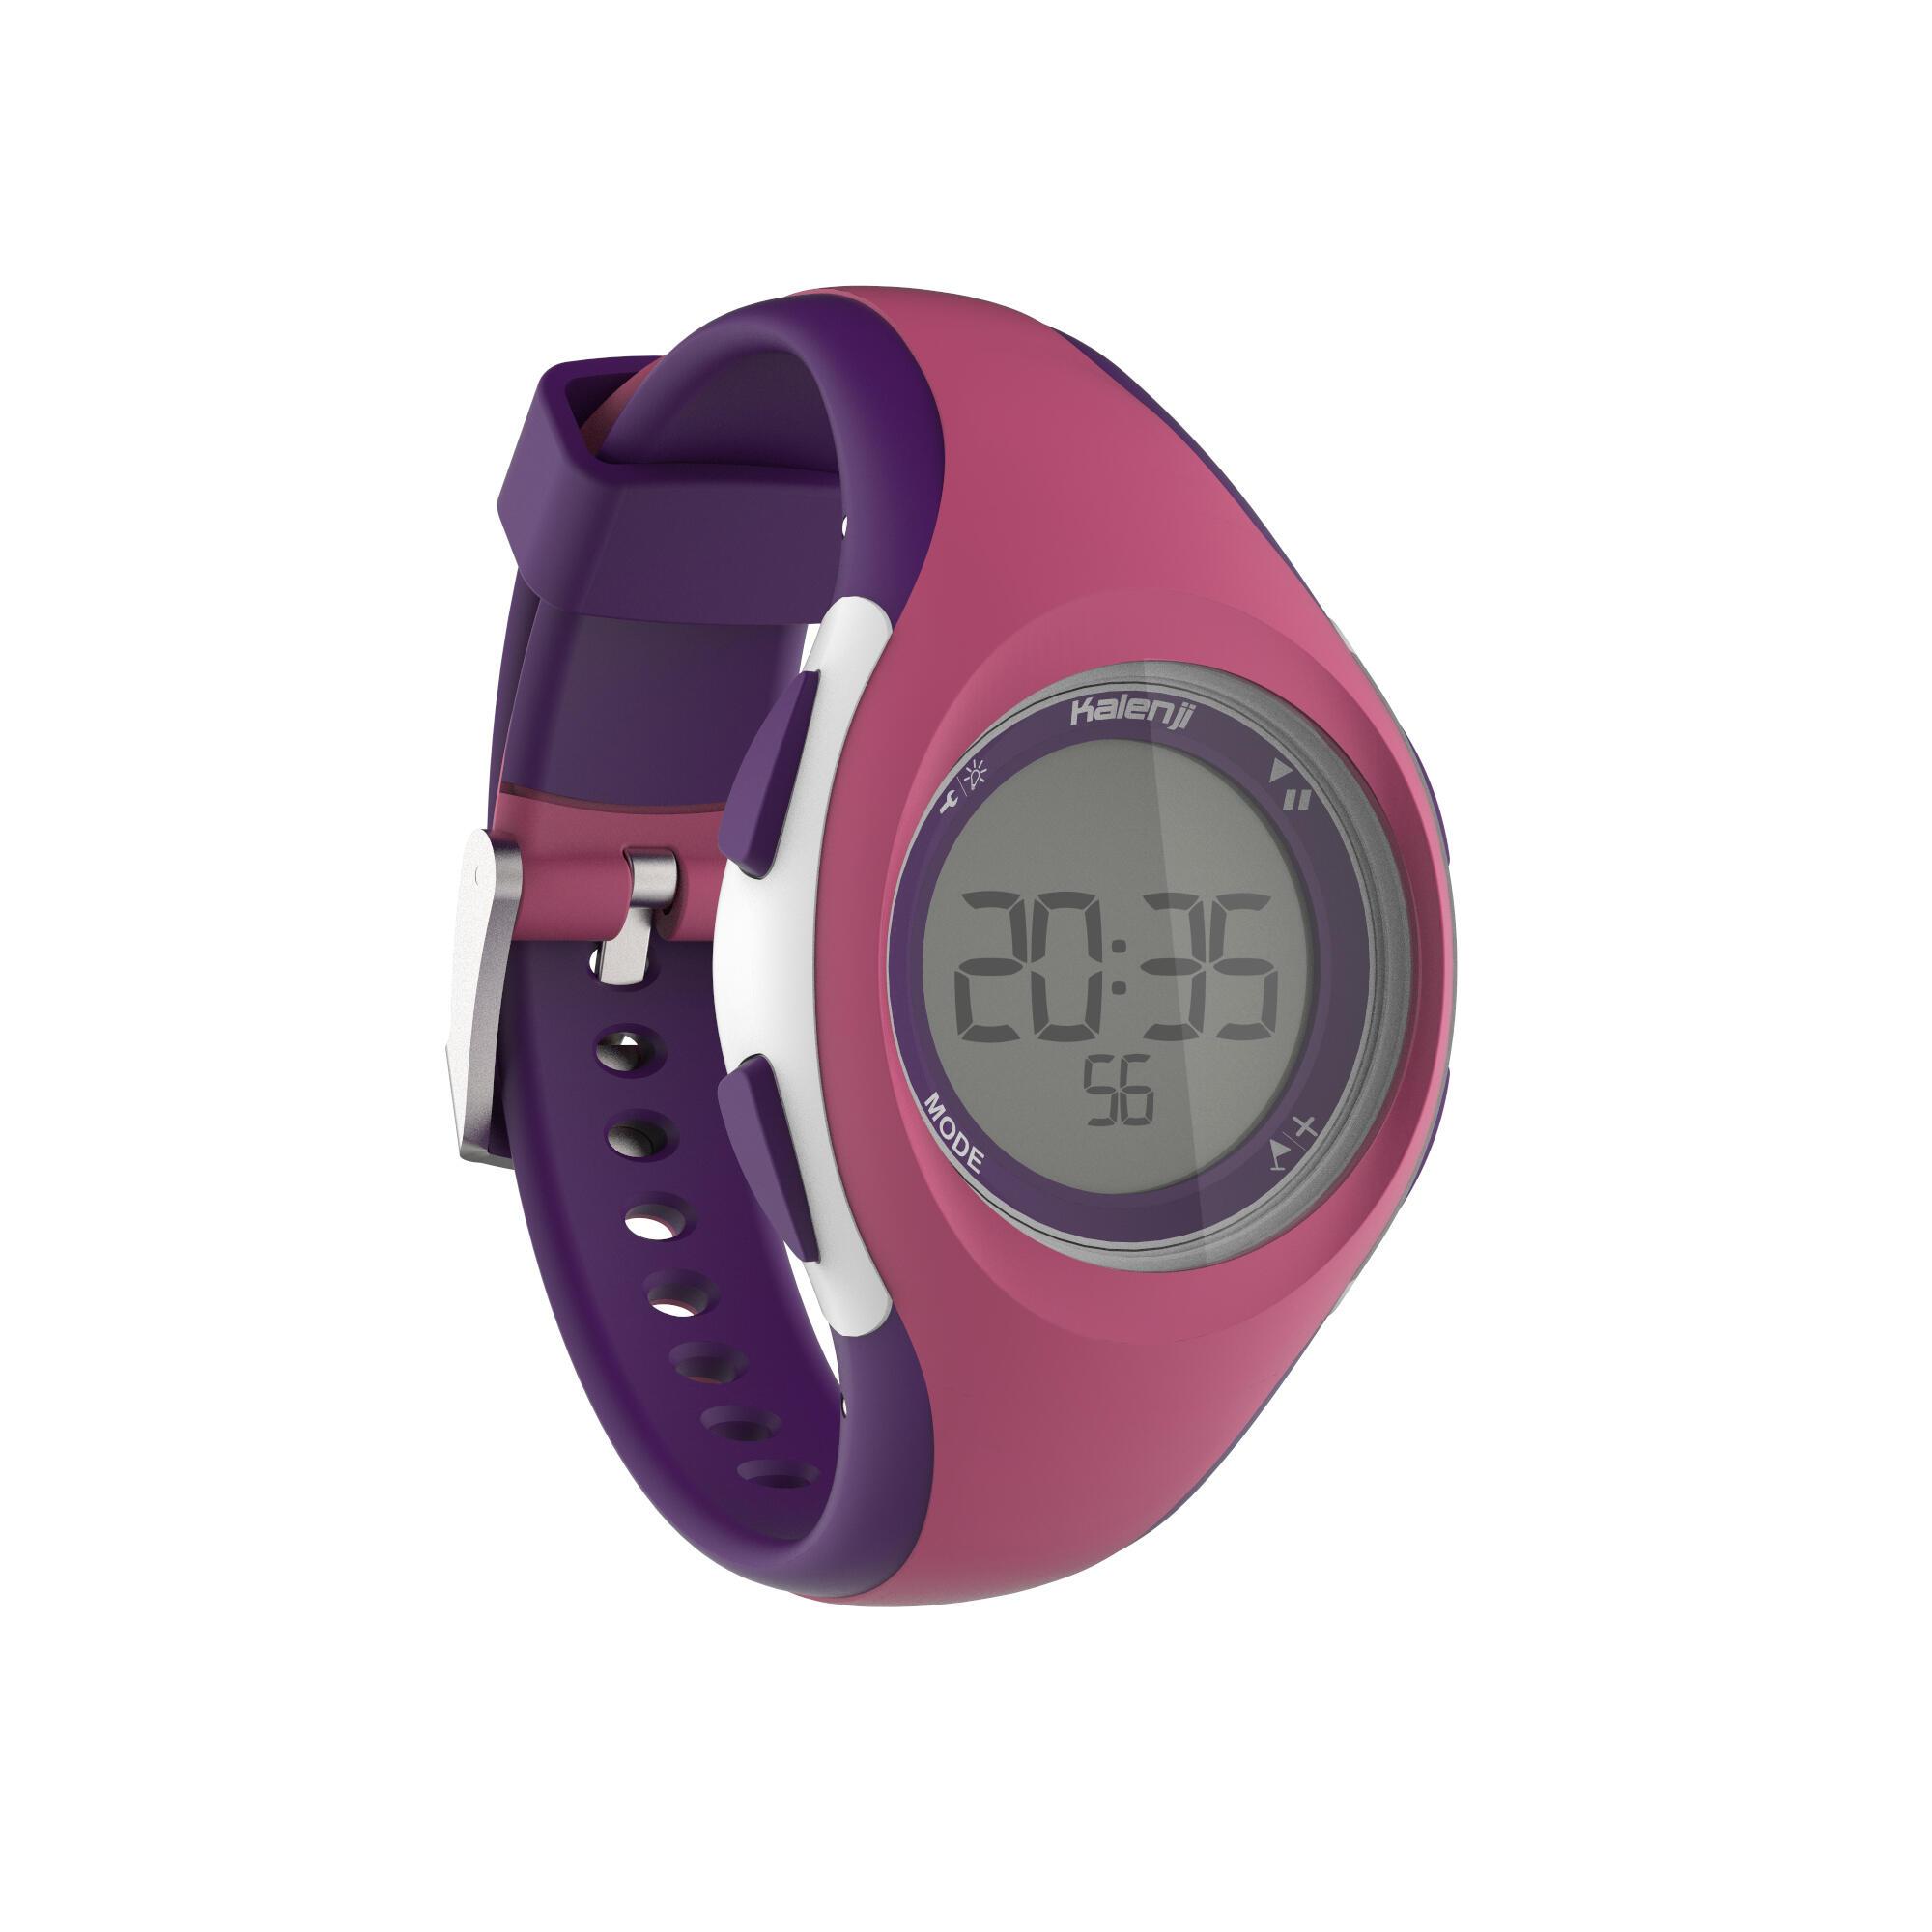 W200 S Jam Tangan Digital Timer Sport Wanita Dan Anak - pink dan ungu